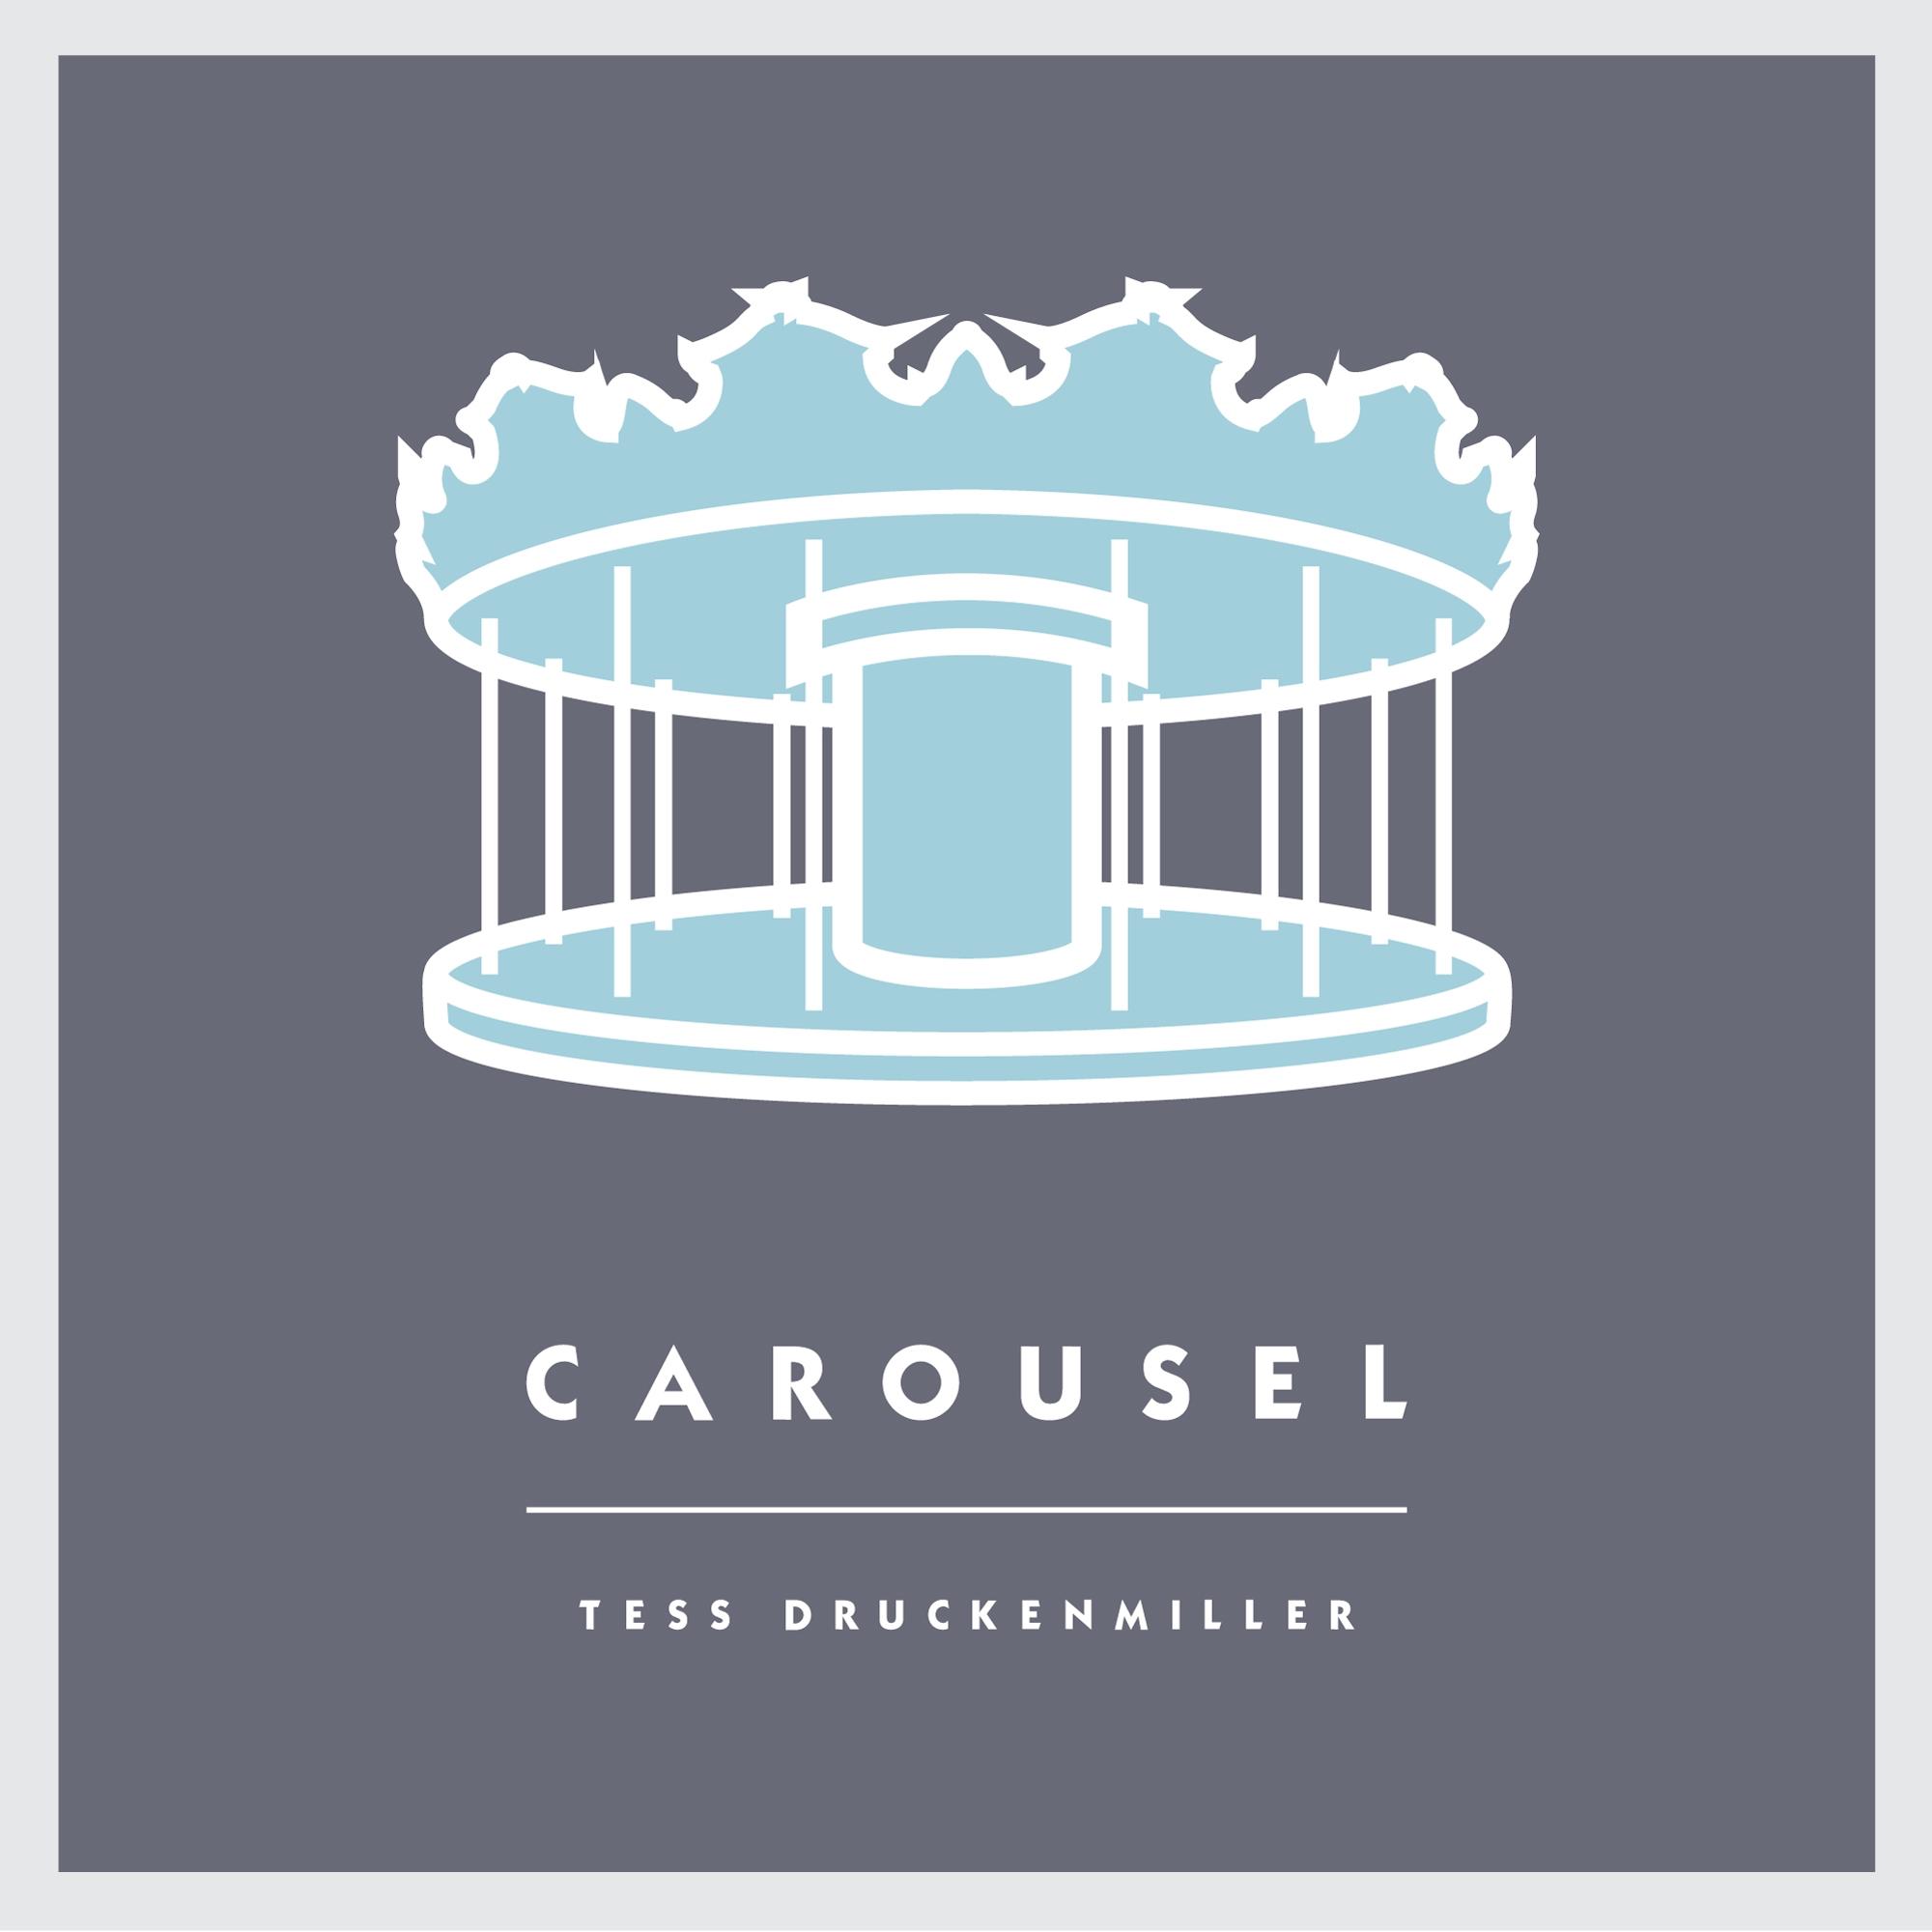 Album artwork for Tess Druckenmiller's EP  Carousel.